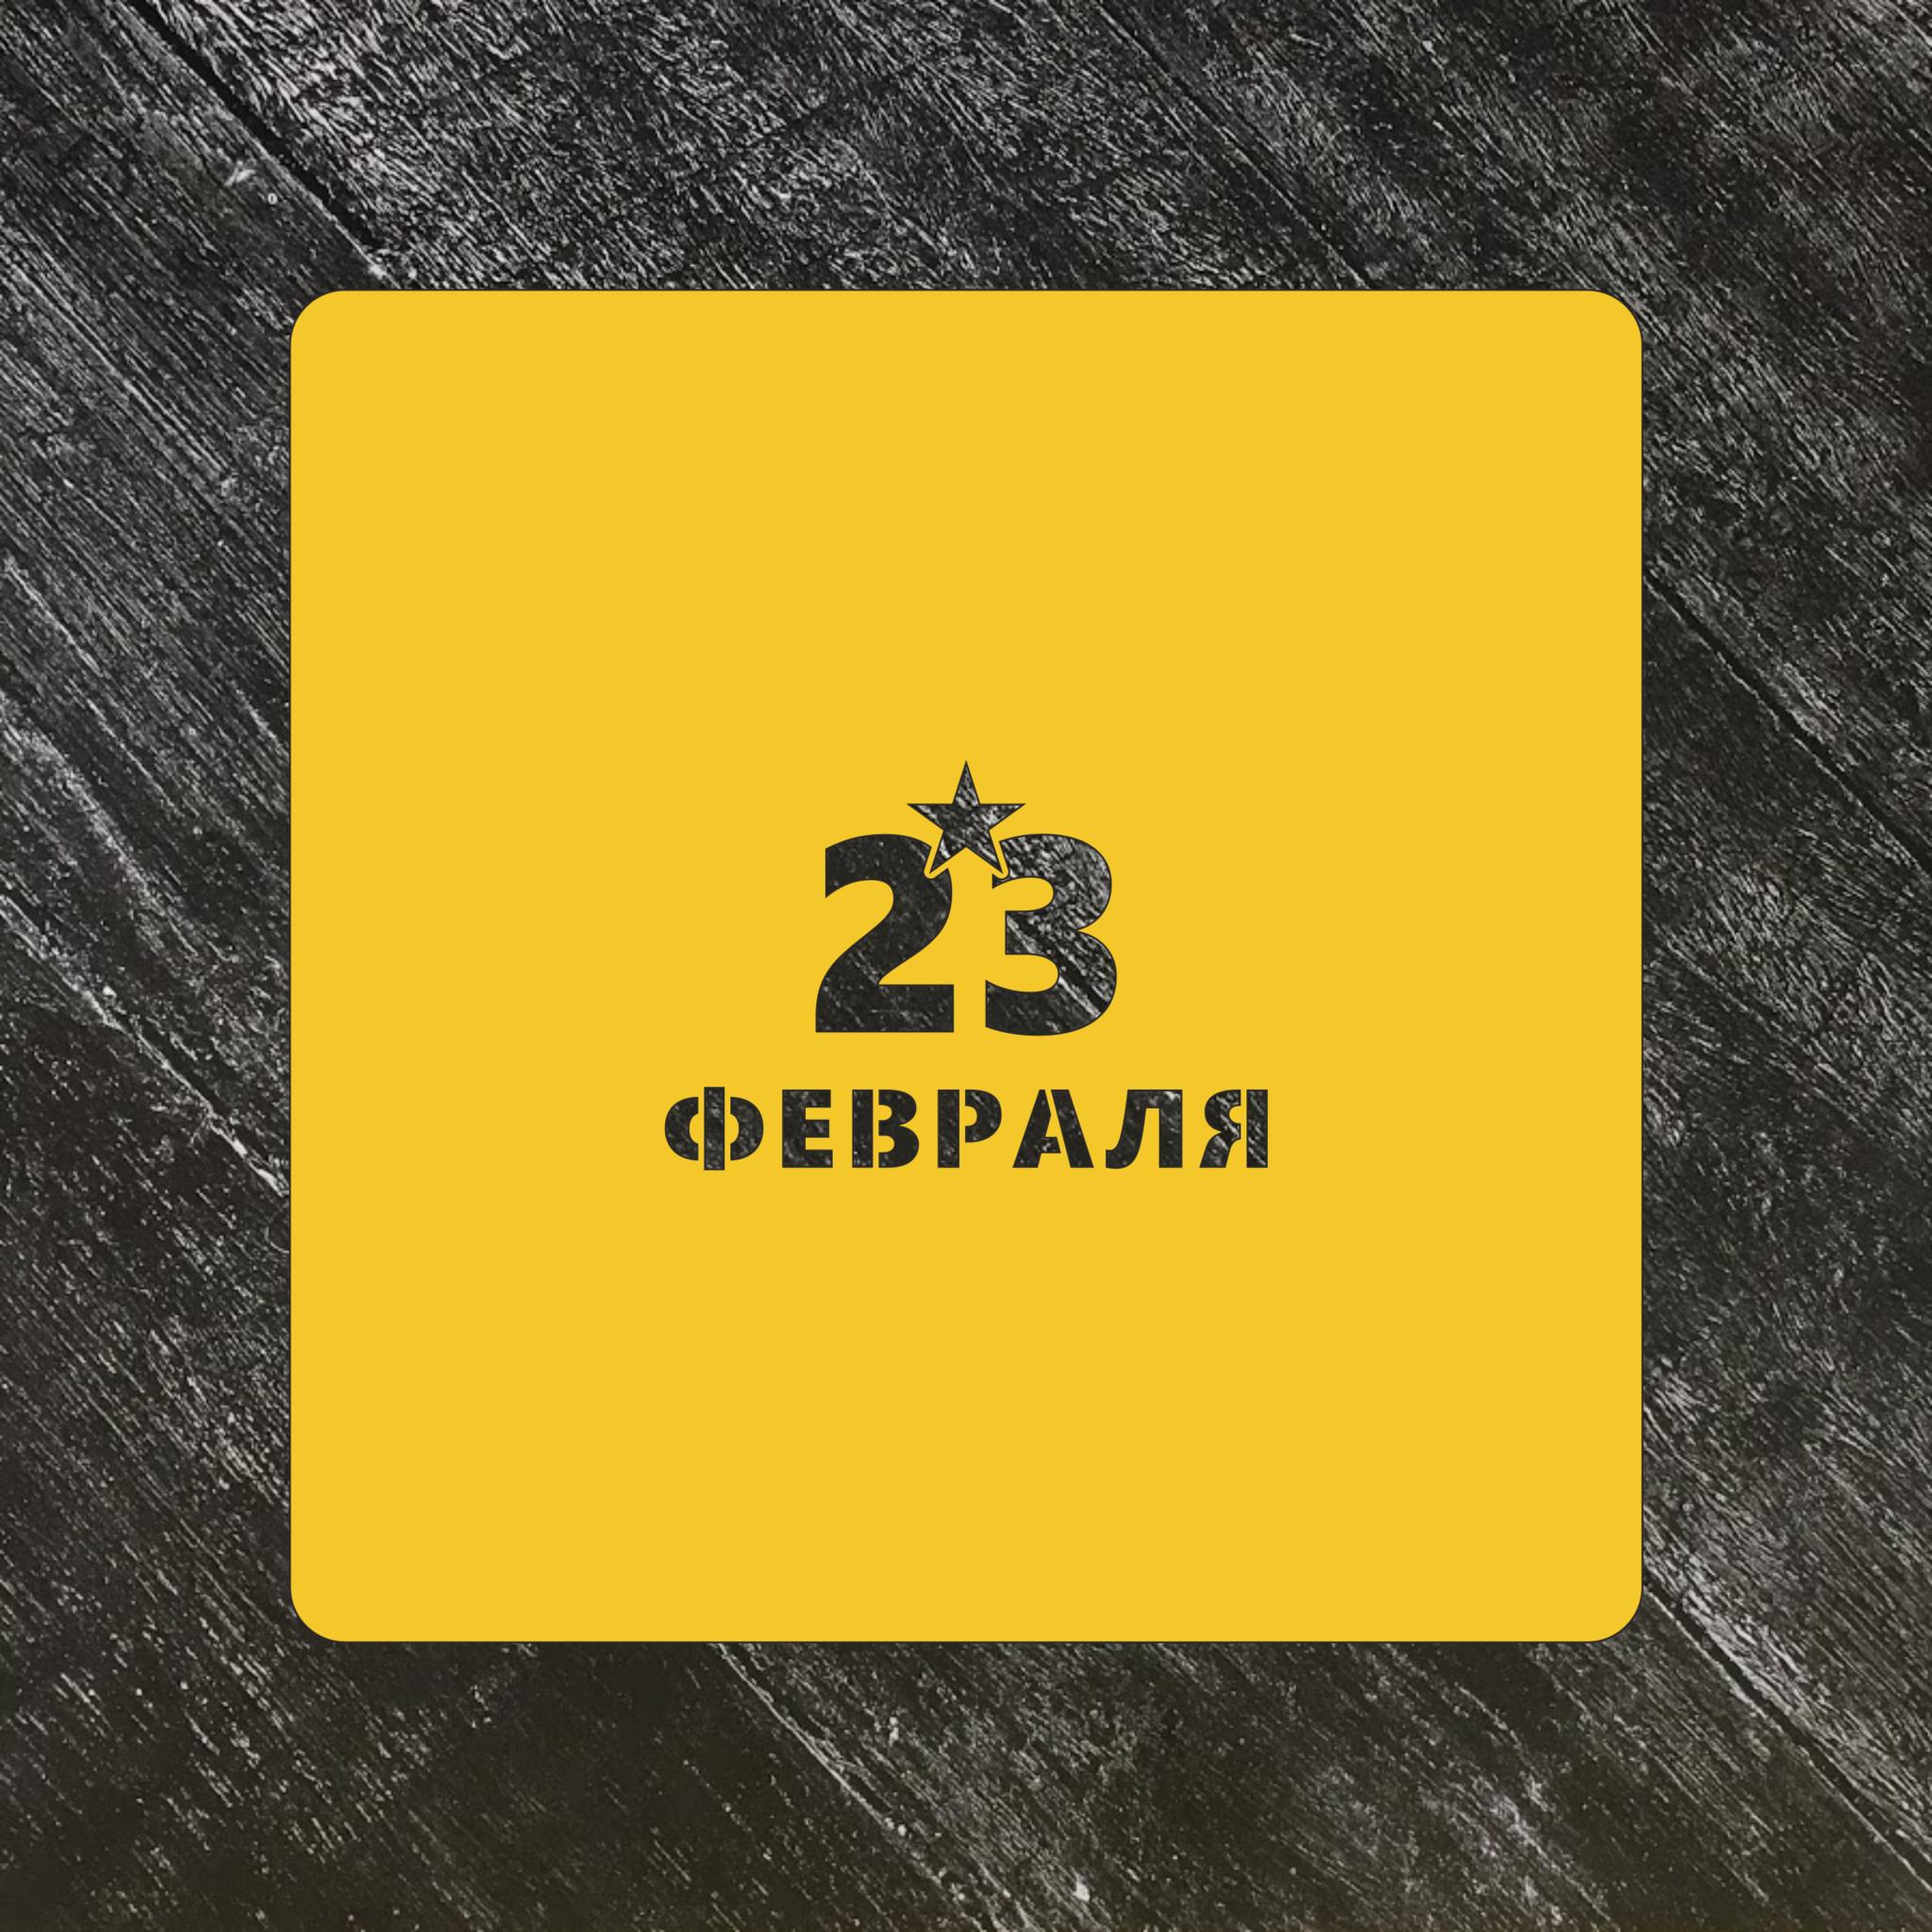 Трафарет 23 февраля №2